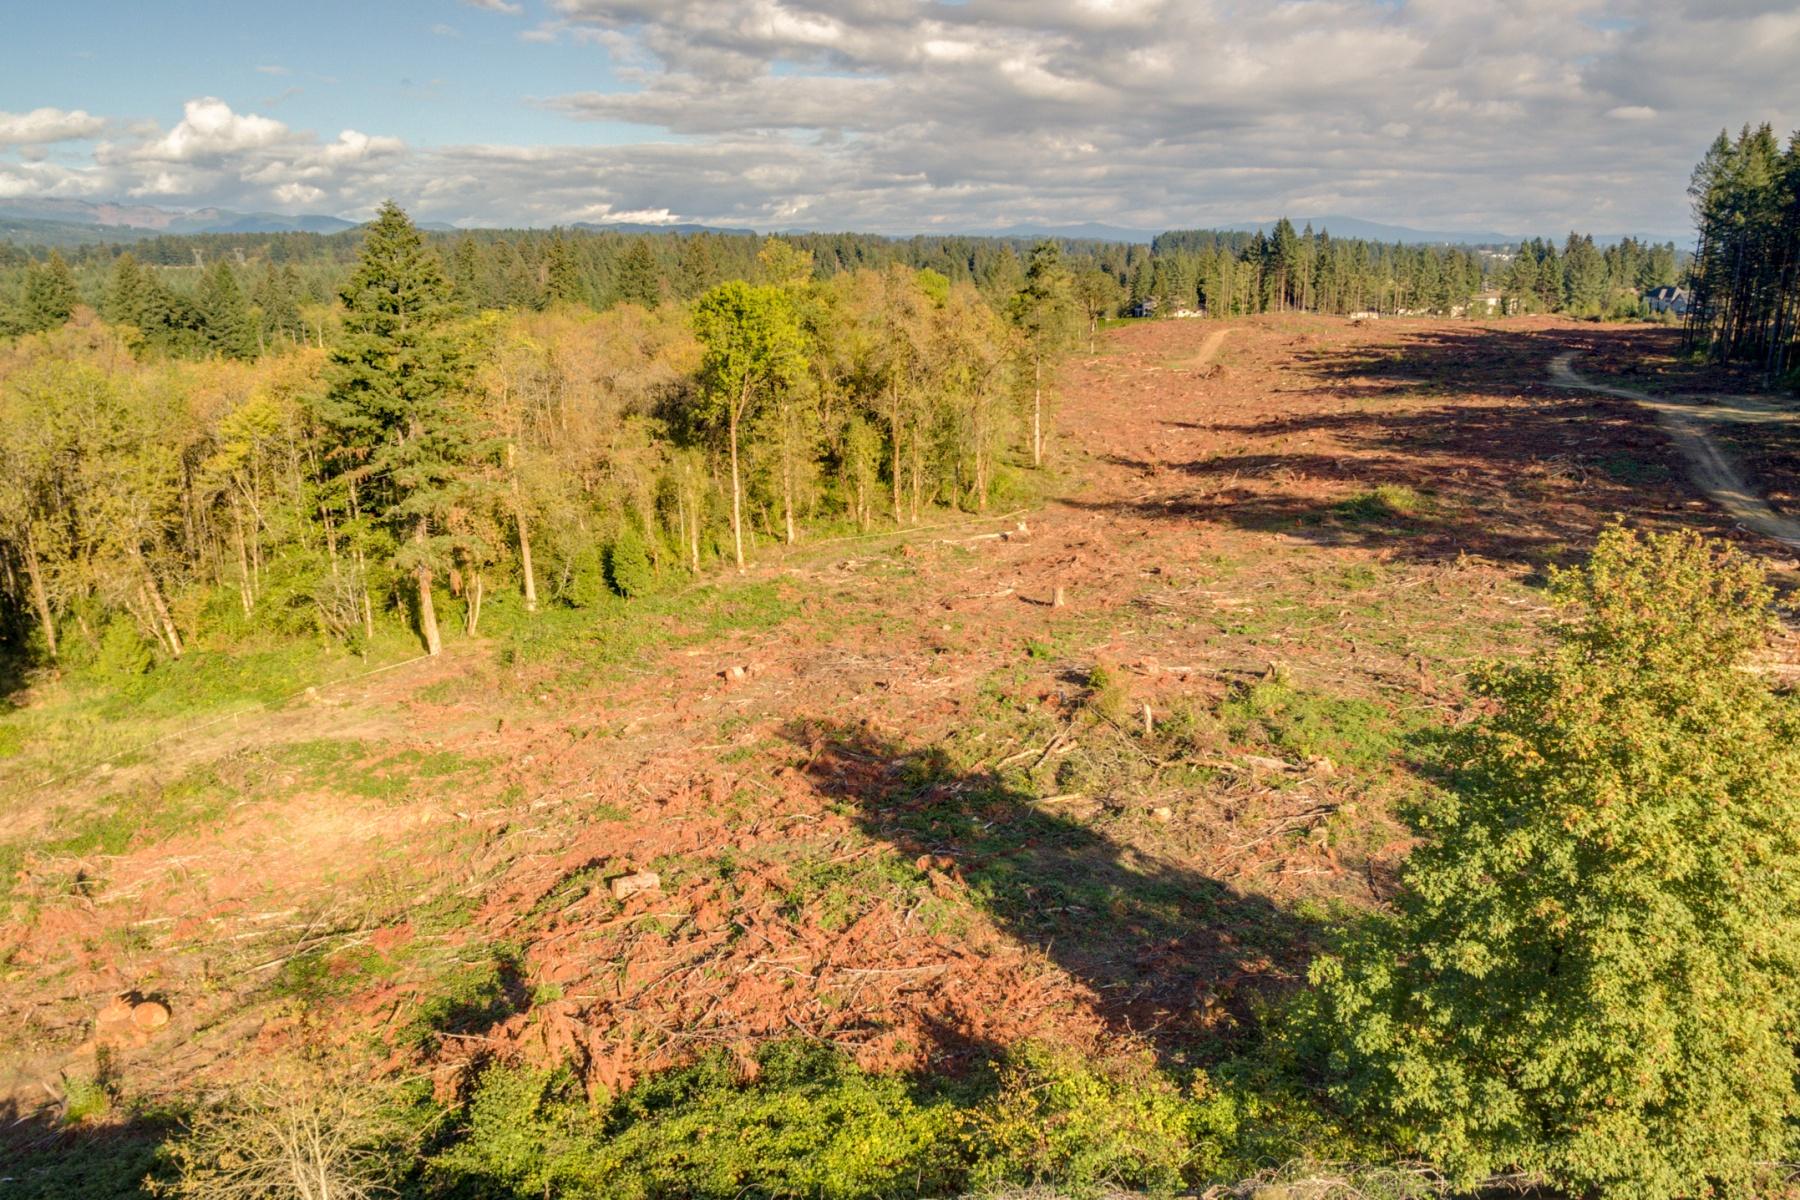 Land for Sale at 6726 NW Longbow 42, CAMAS 6726 NW Longbow Ln 42 Camas, Washington 98607 United States